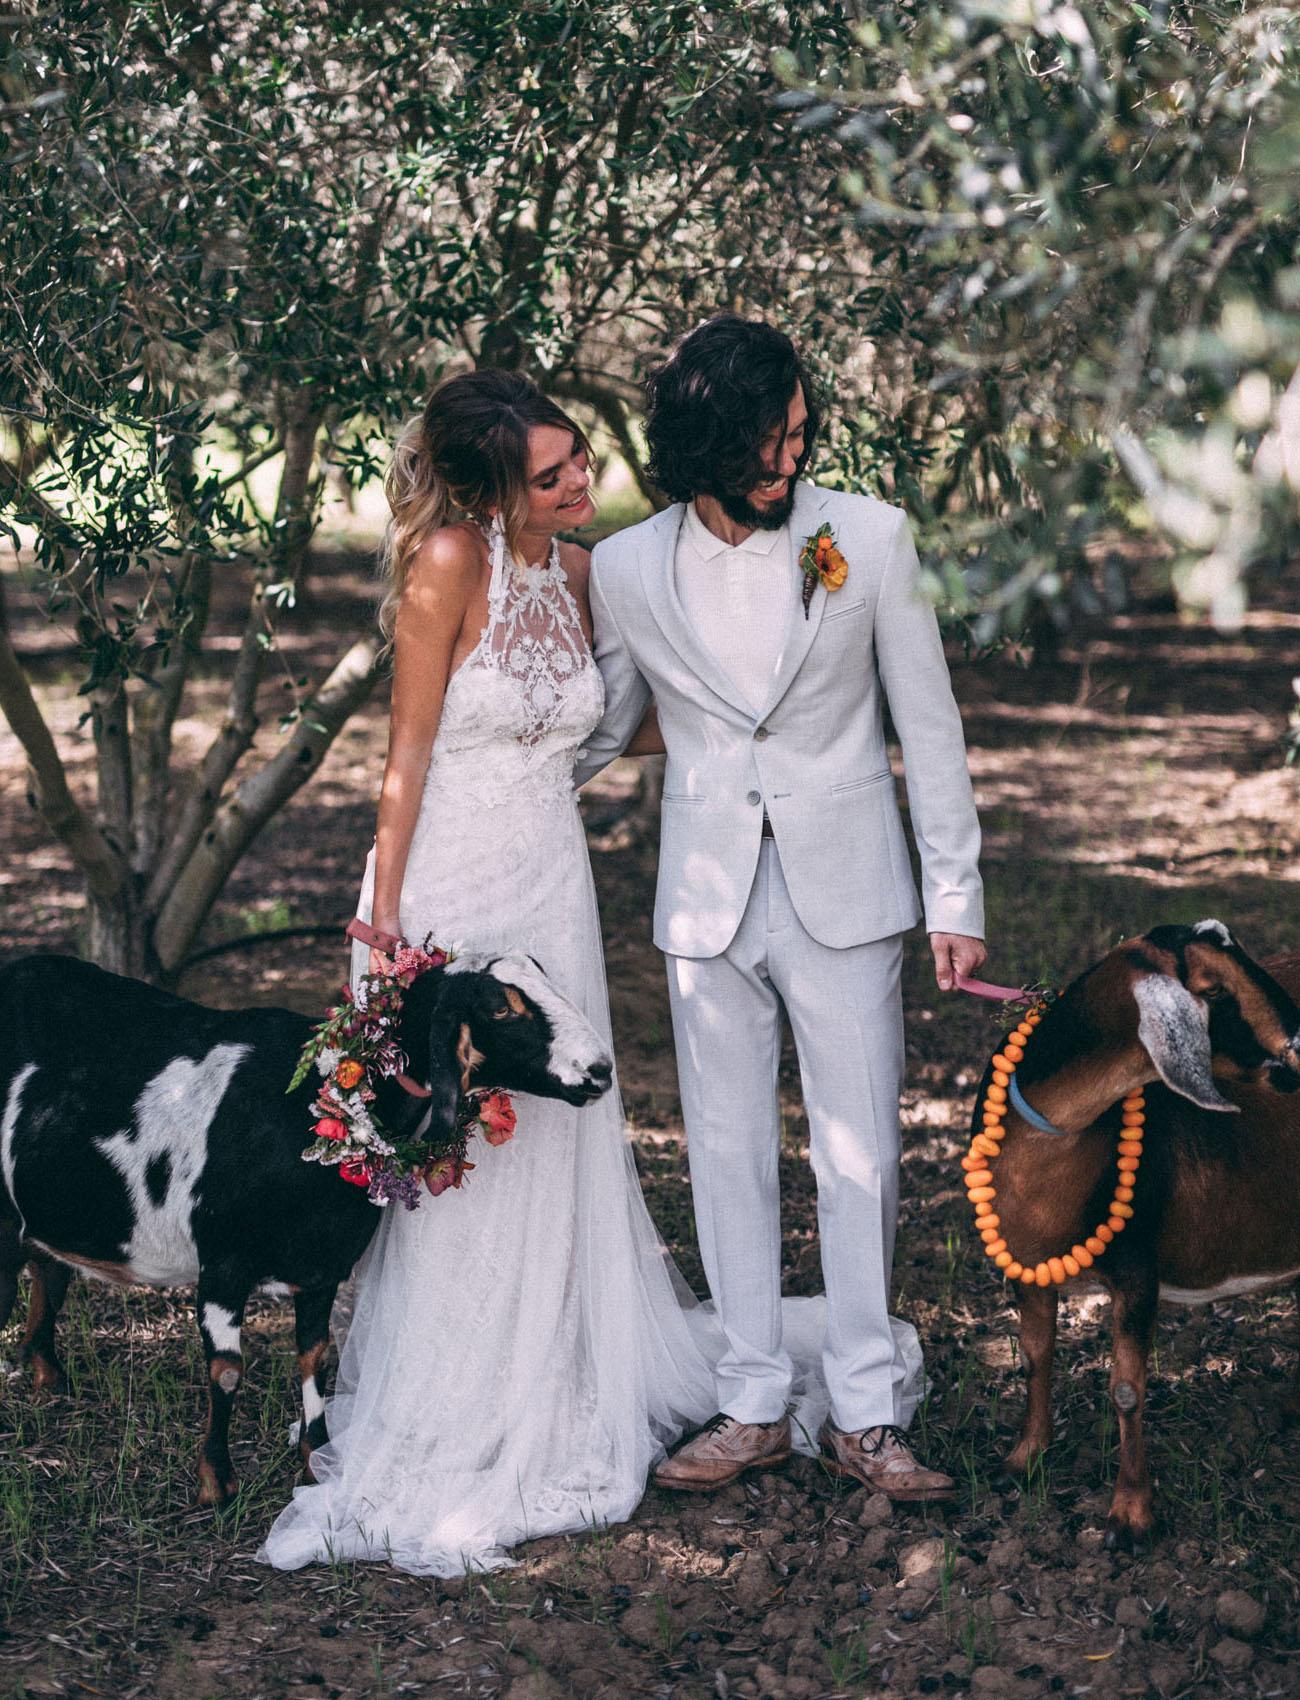 goats at a wedding